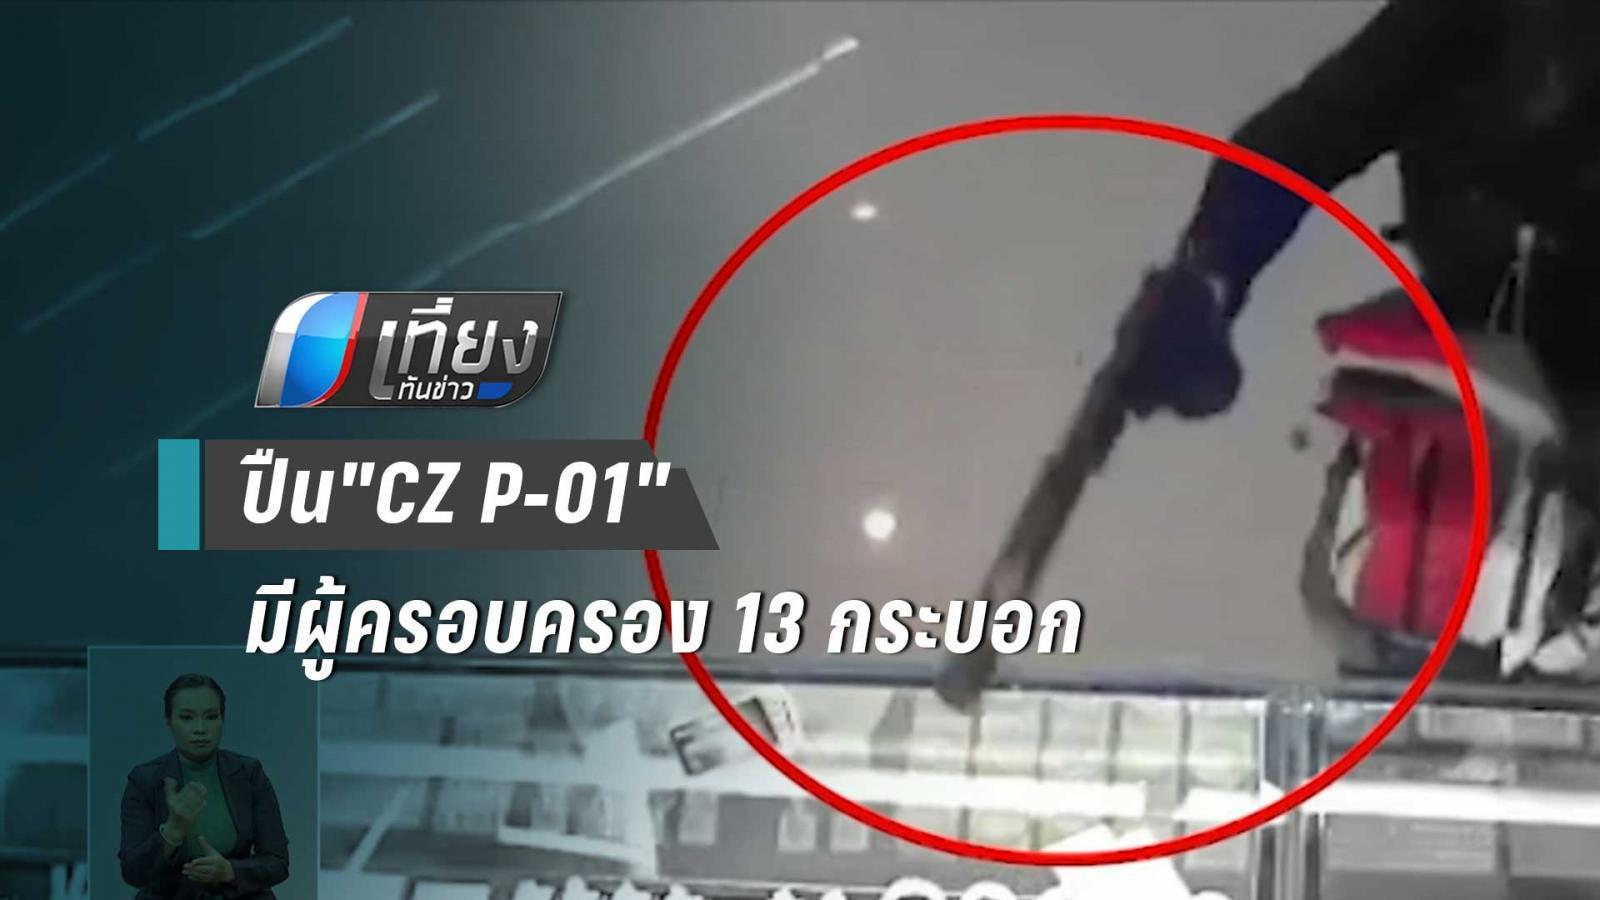 """สืบค้นเชิงลึกอาวุธปืนก่อเหตุ """"CZ P-01"""" มีผู้ครอบครอง 13 กระบอก"""